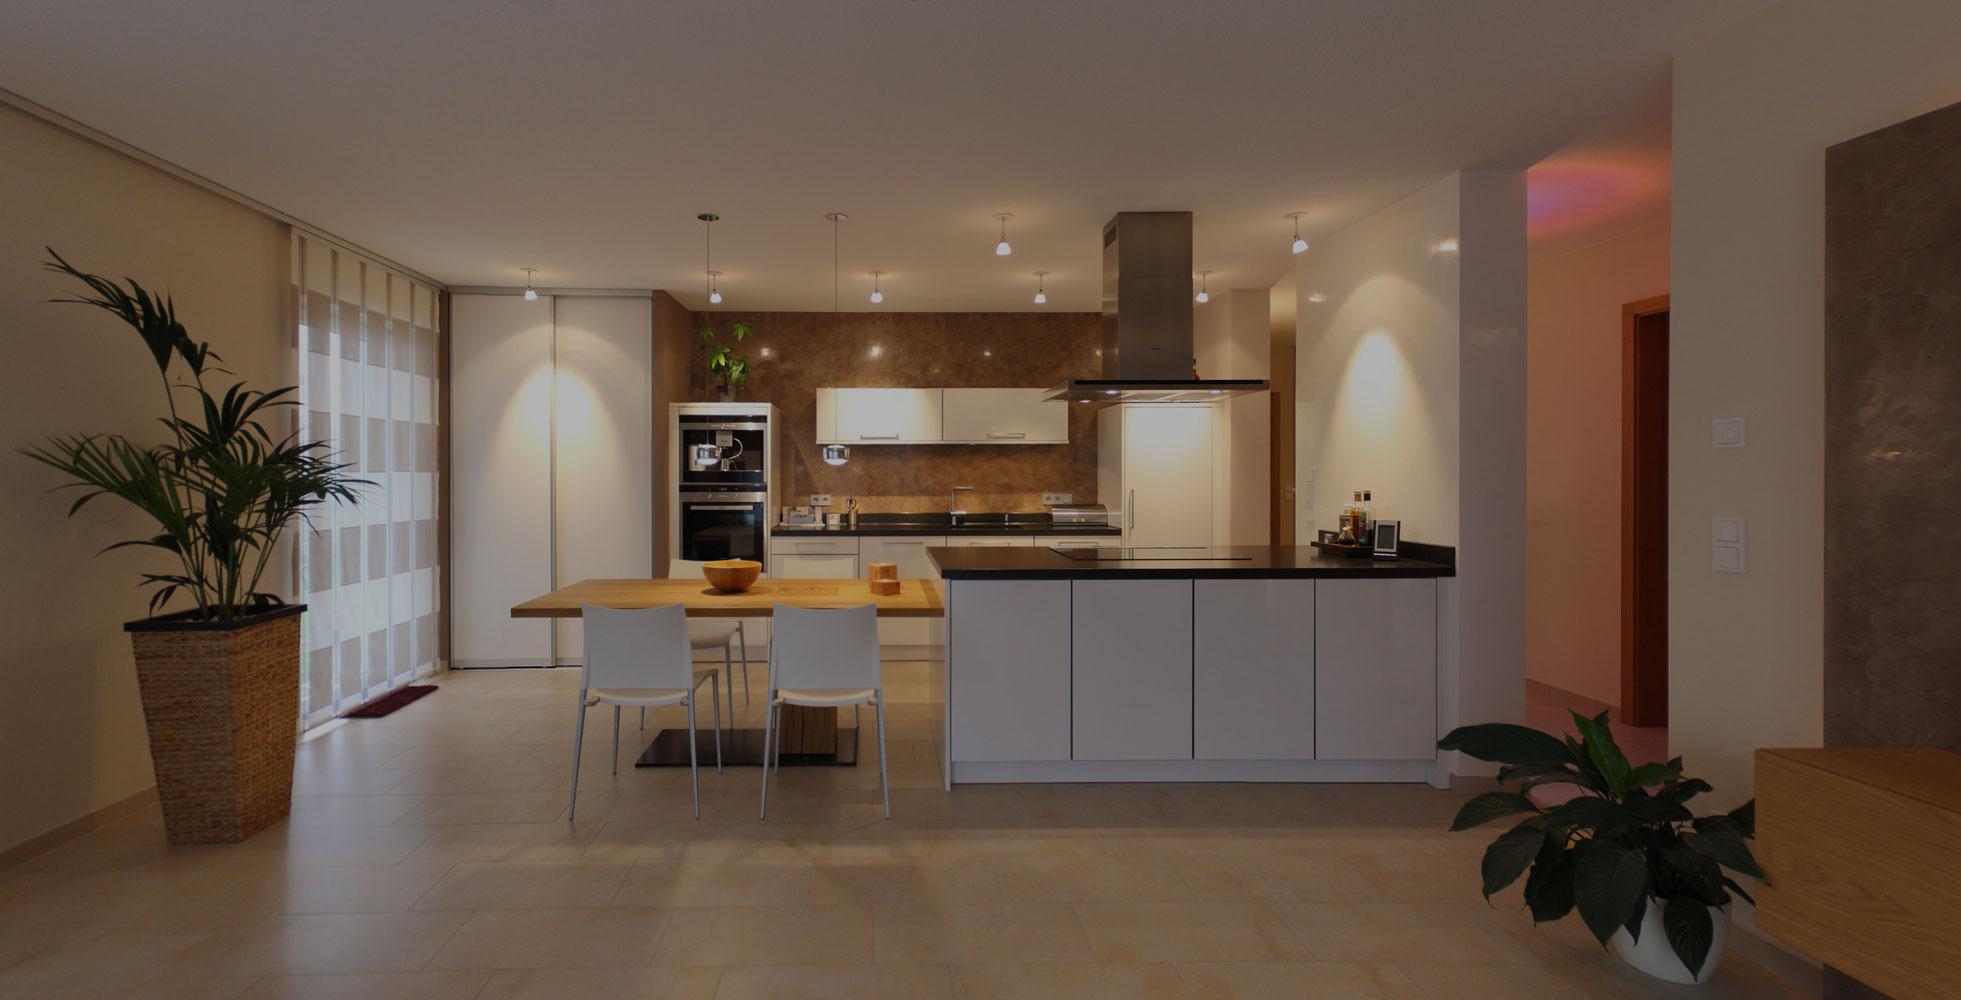 Raum und form innenarchitektur max schmutterer for Innenarchitektur augsburg